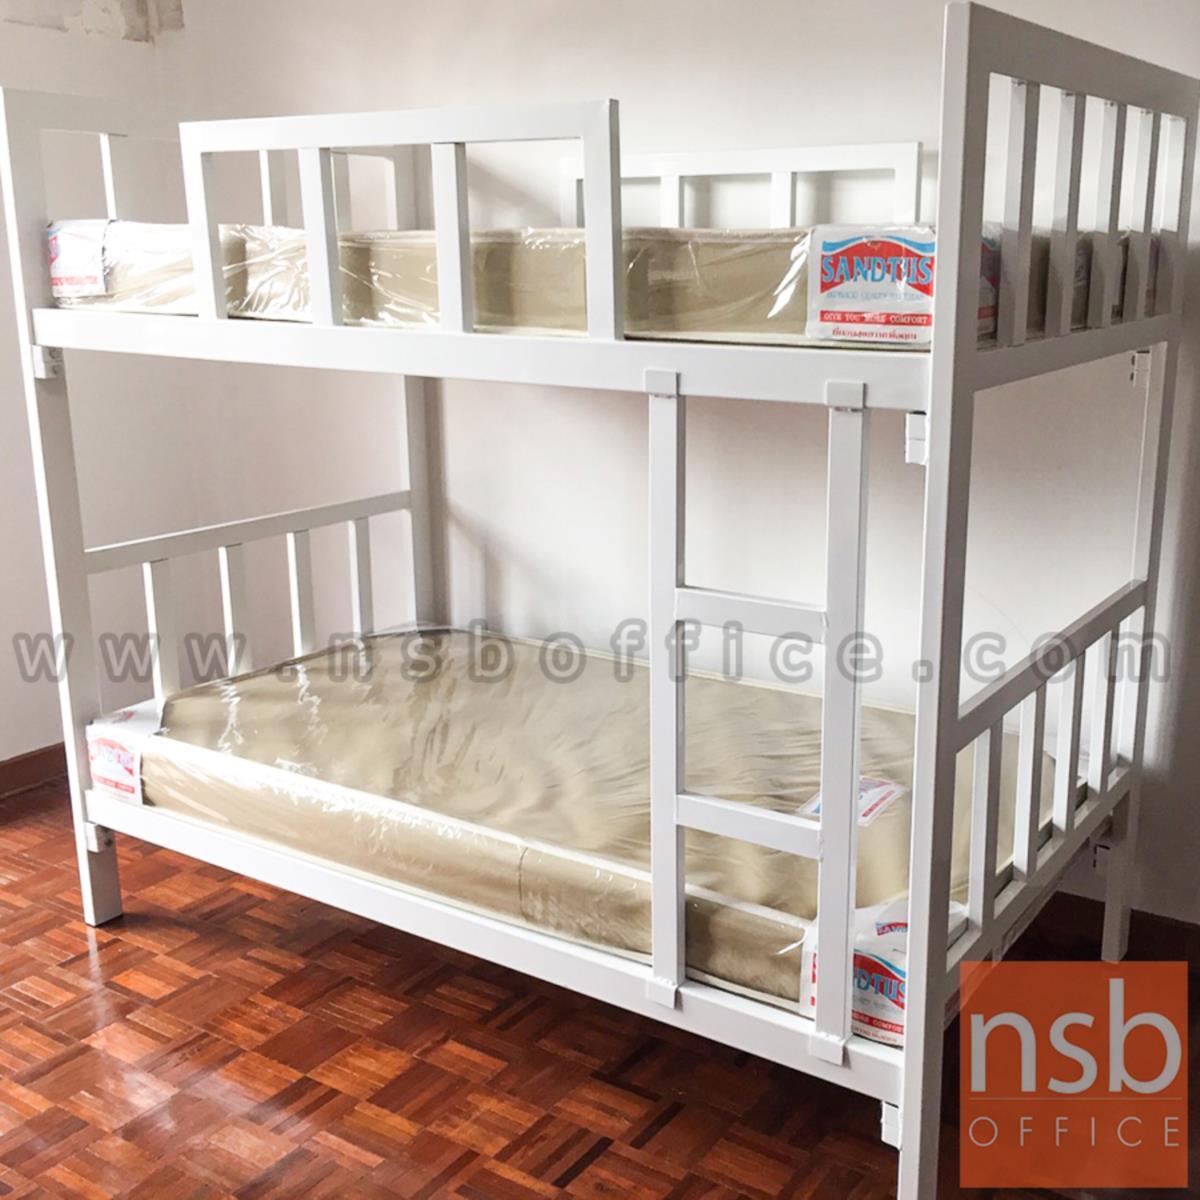 เตียงเหล็ก 2 ชั้น ขนาด 3.5 ฟุต เหล็กกล่องขนาดใหญ่พิเศษ  7W*3D cm (งานอพาร์ทเมนท์)